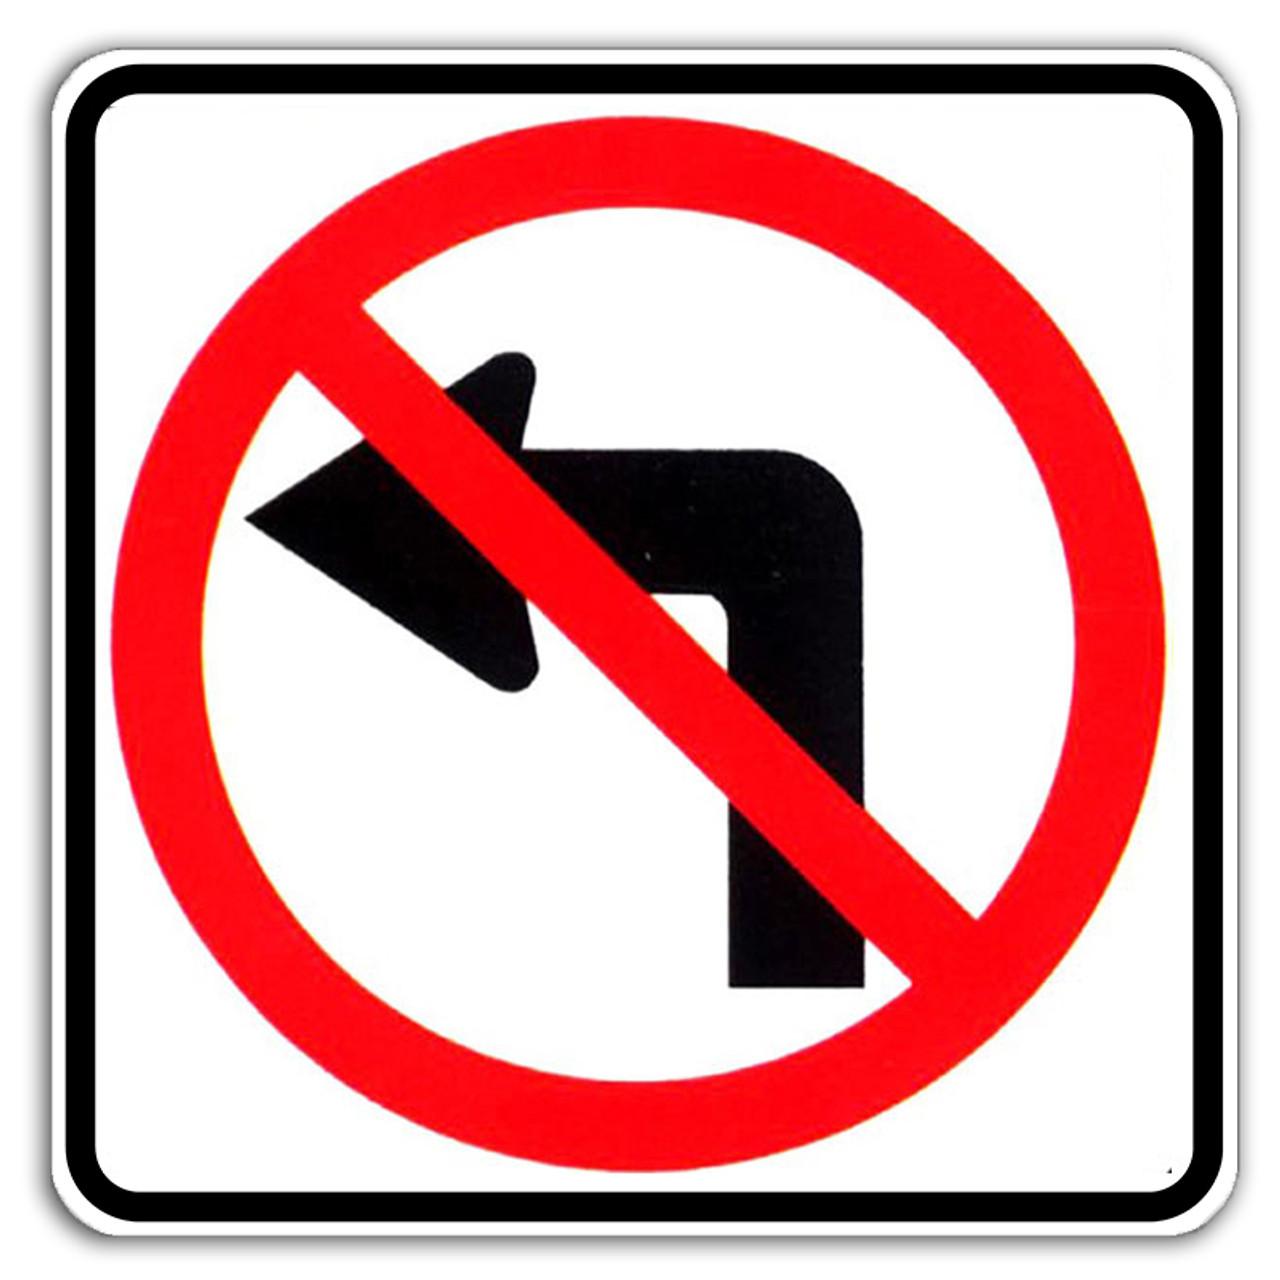 R3-2 No Left Turn Sign | Dornbos Sign & Safety, Inc.